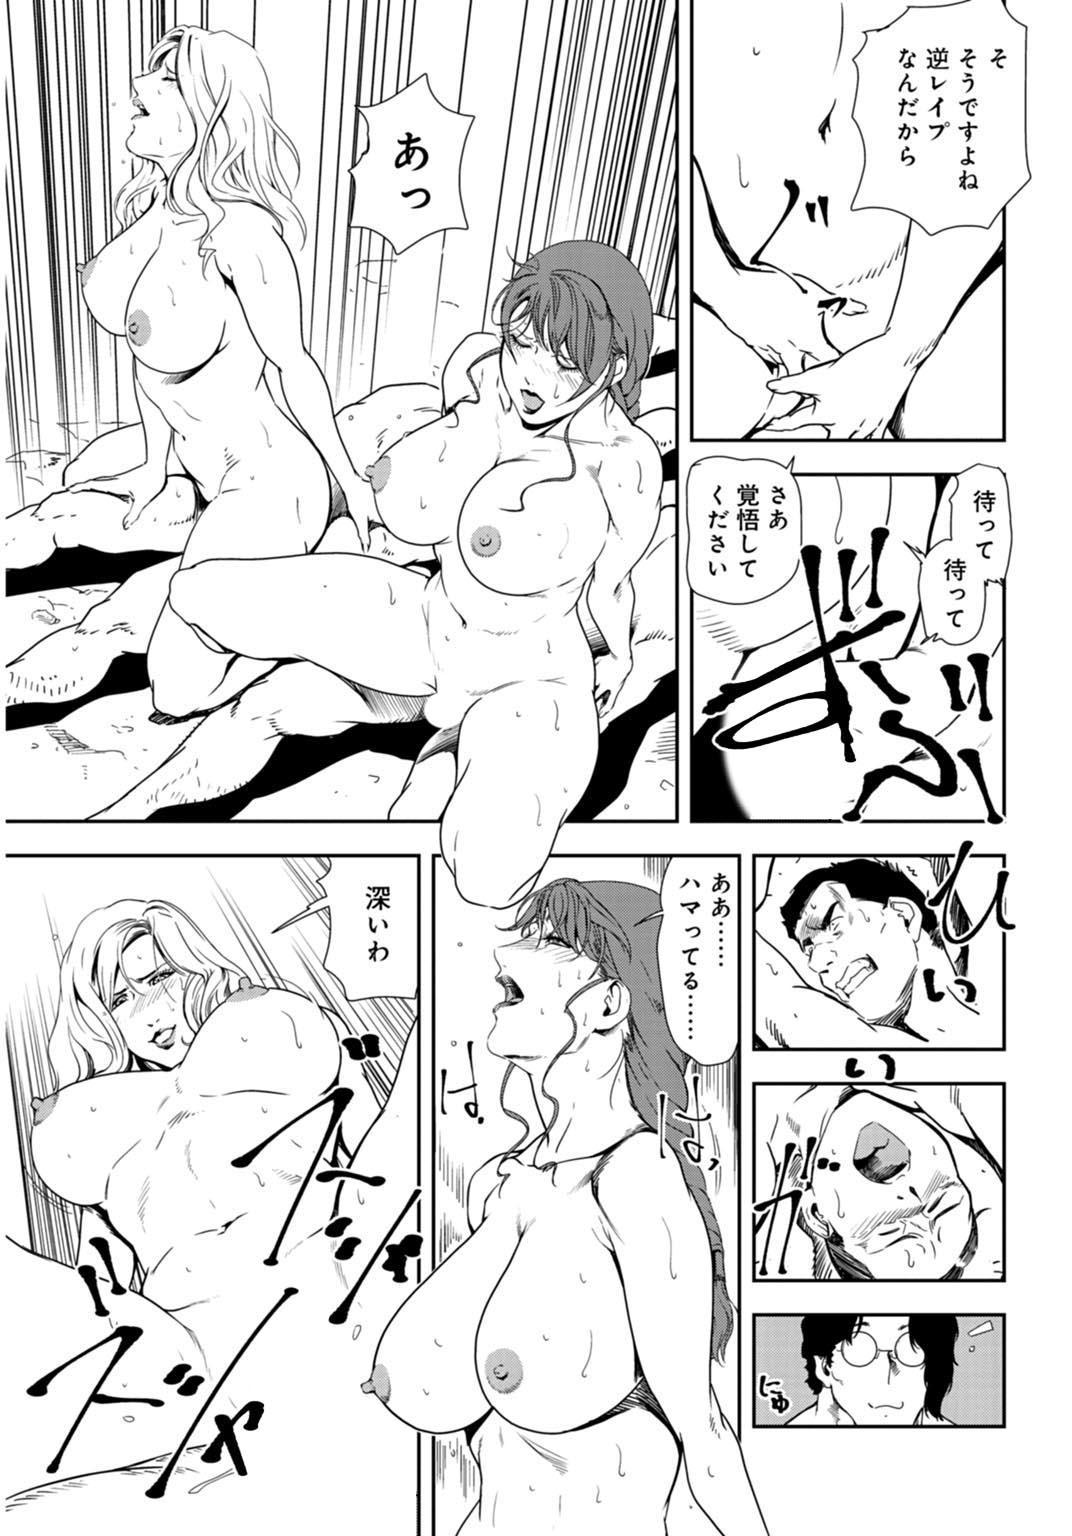 Nikuhisyo Yukiko 27 43